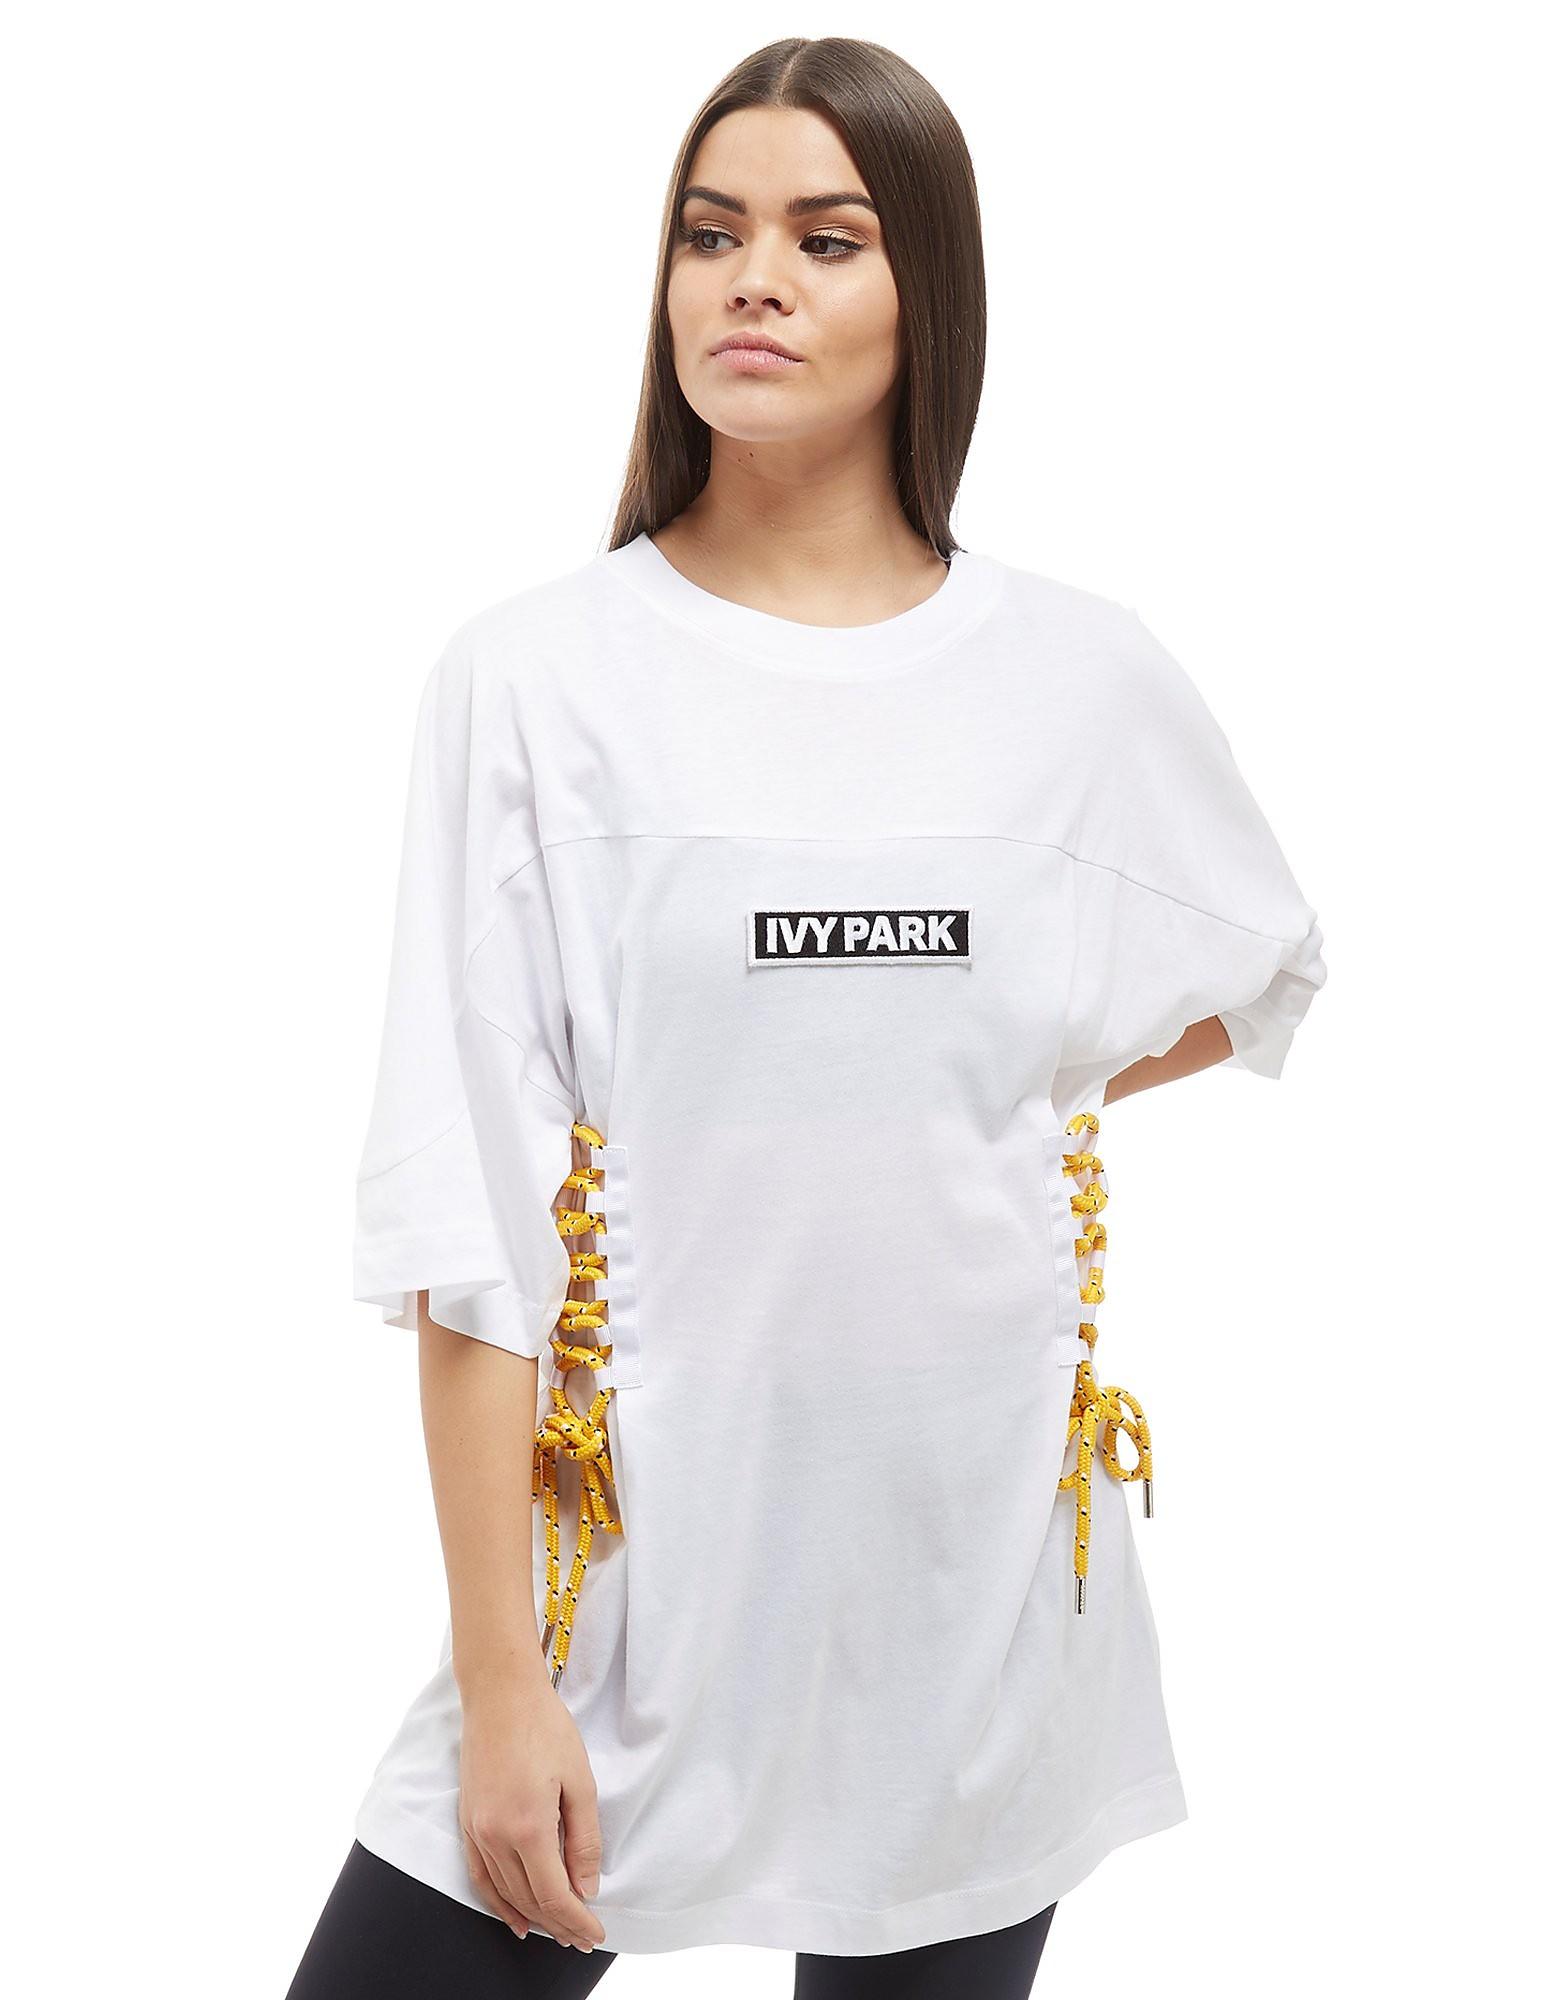 IVY PARK Lace Up Boyfriend T-Shirt Dames